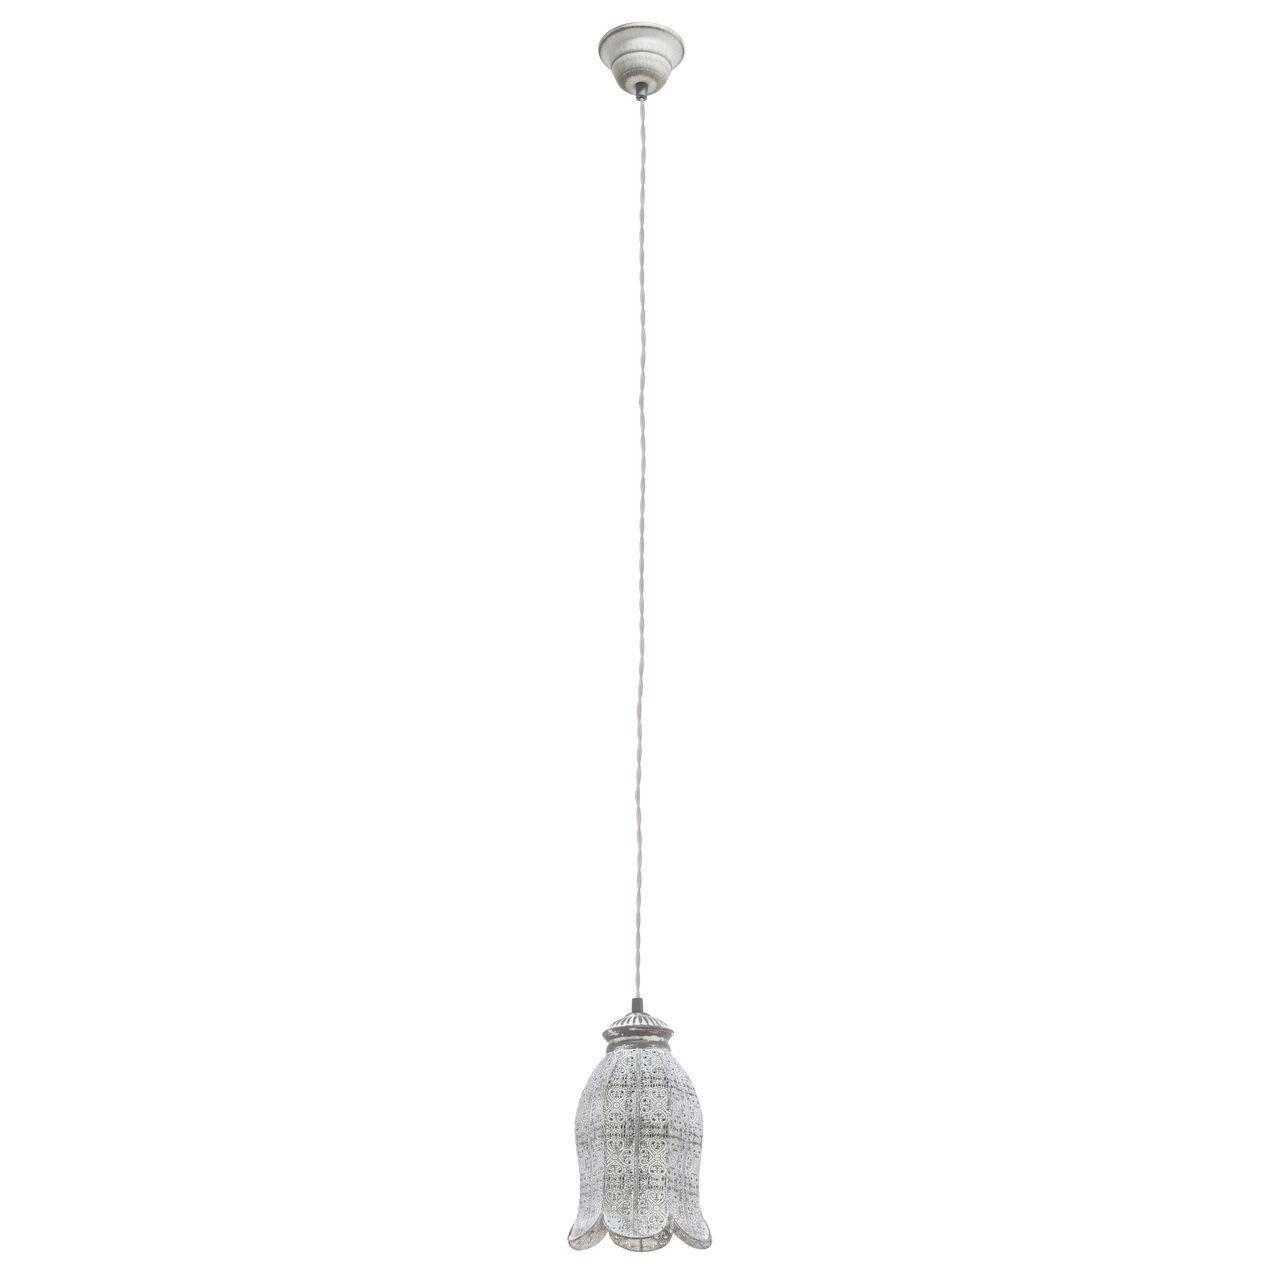 Подвесной светильник Eglo Vintage 49207 eglo подвесной светильник eglo vintage 49207